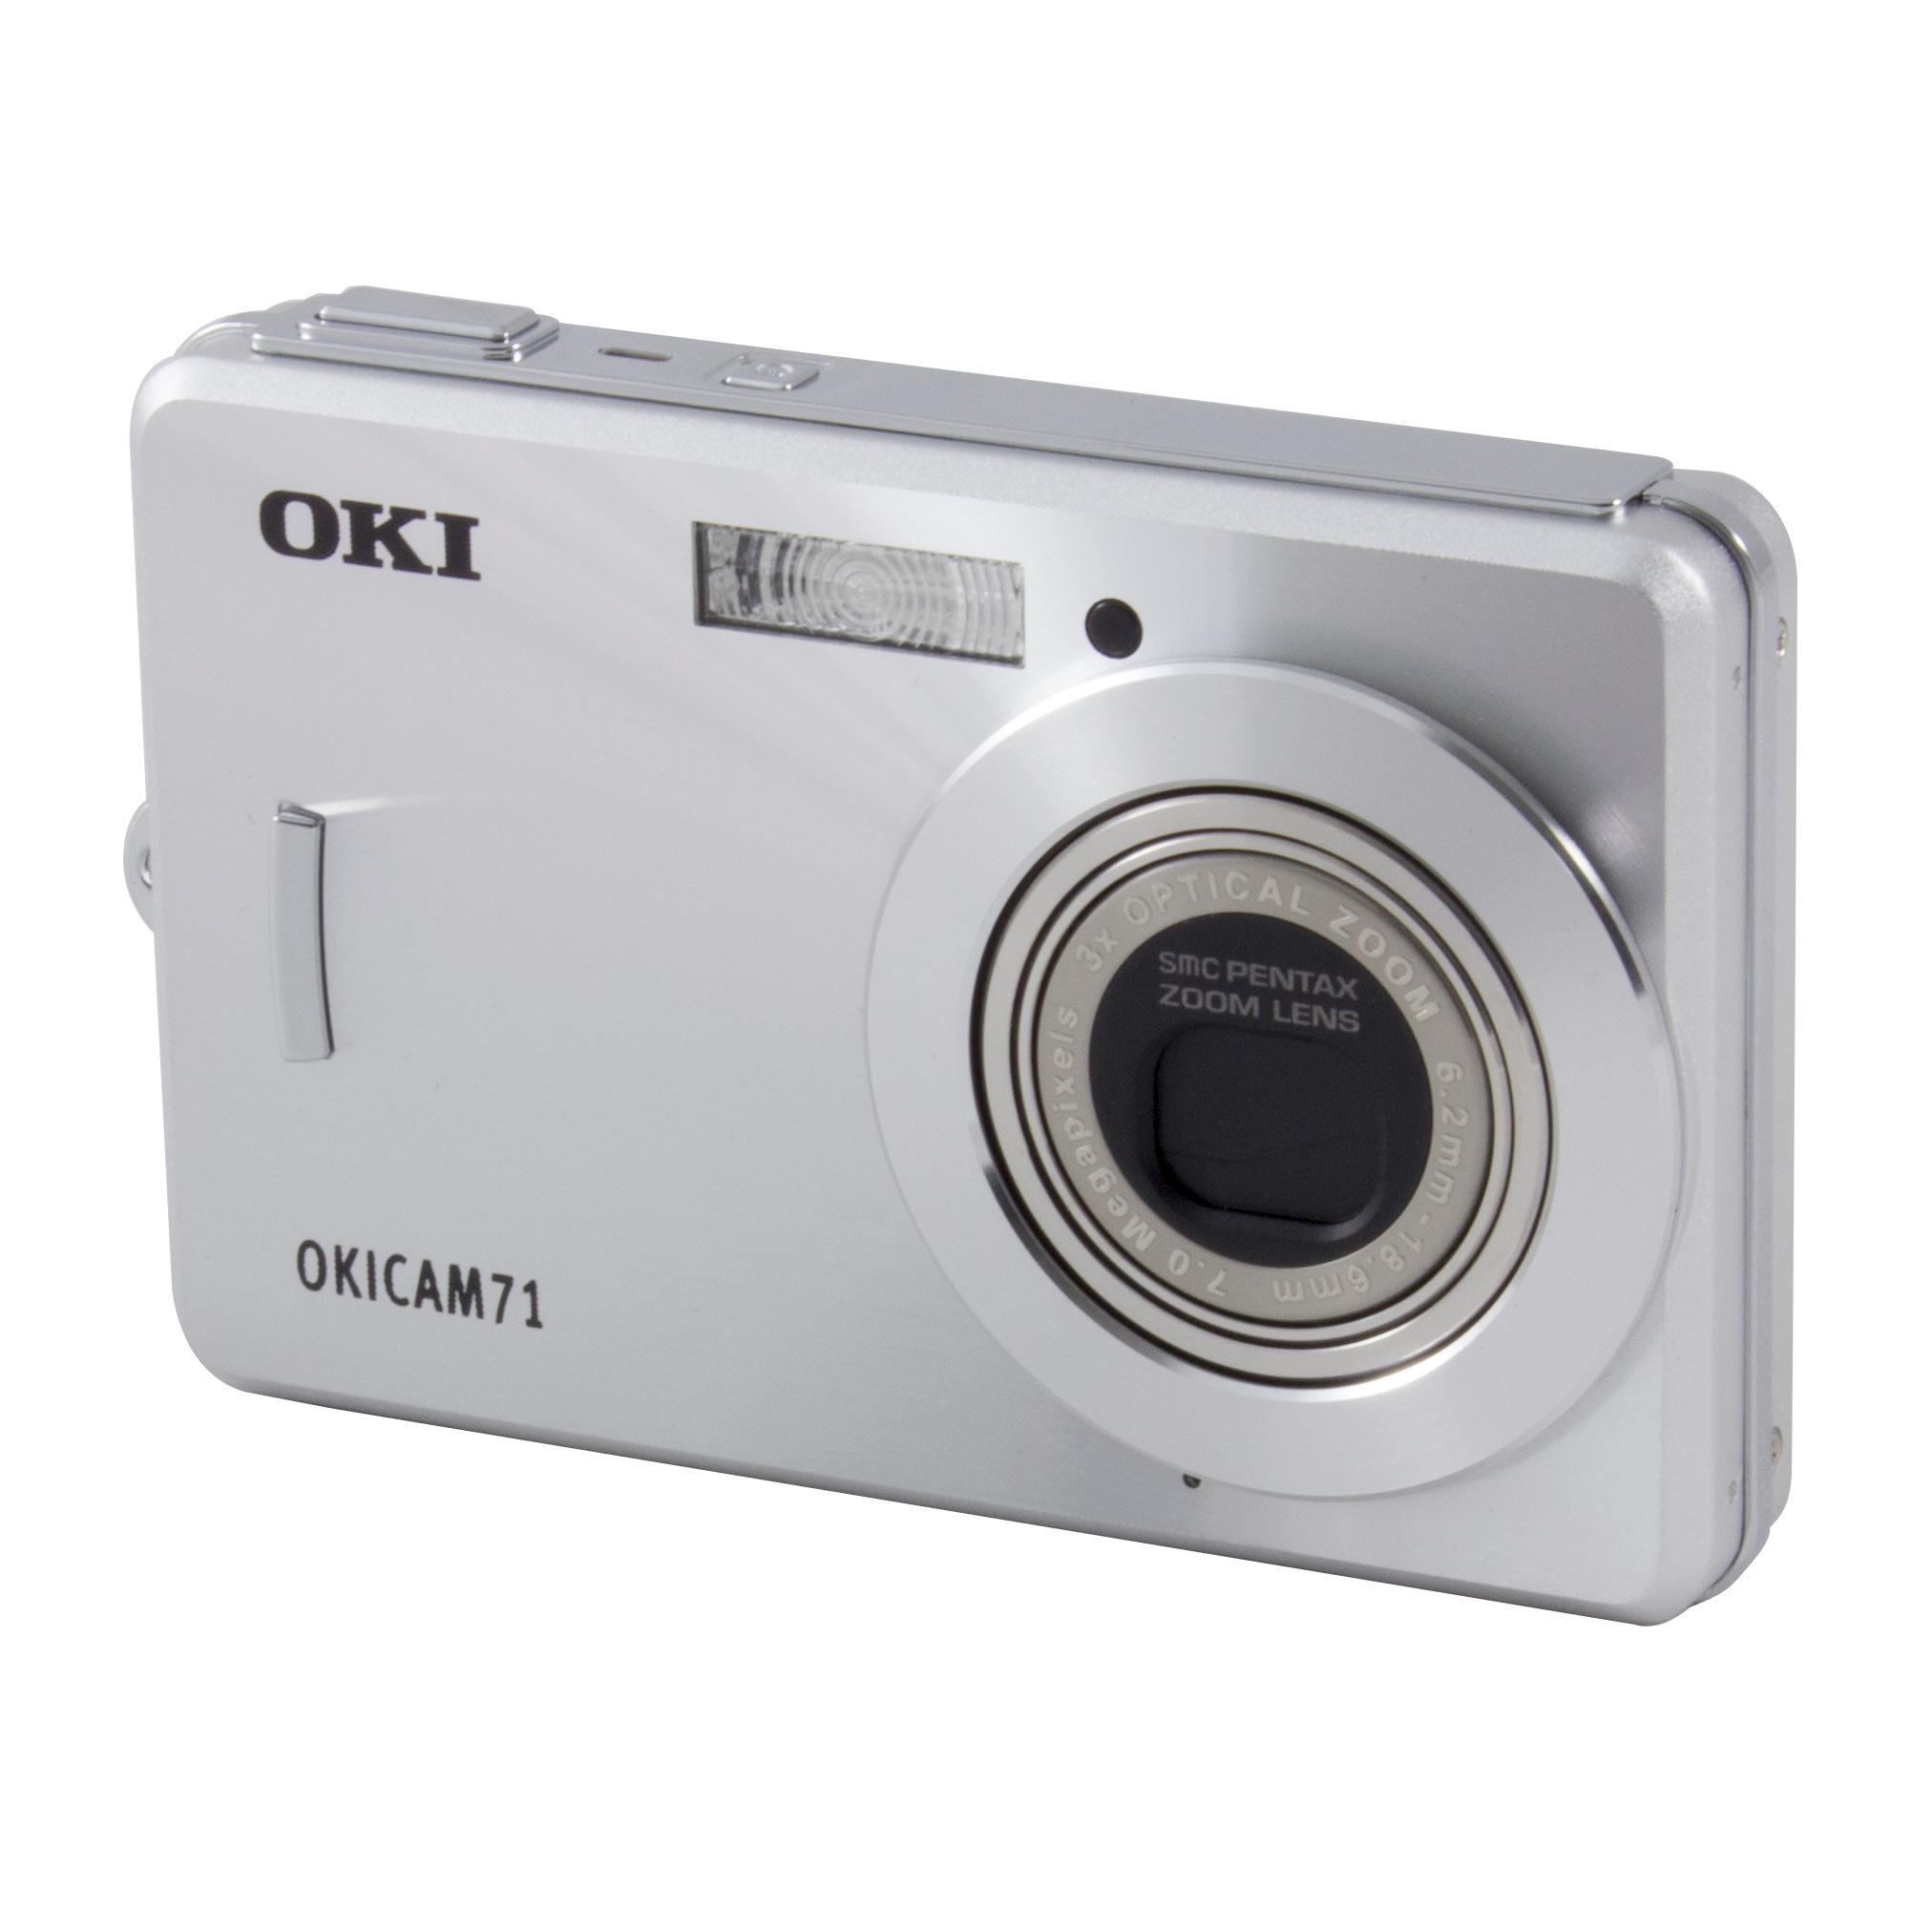 OKI - OKICAM71 7,2 Mpix